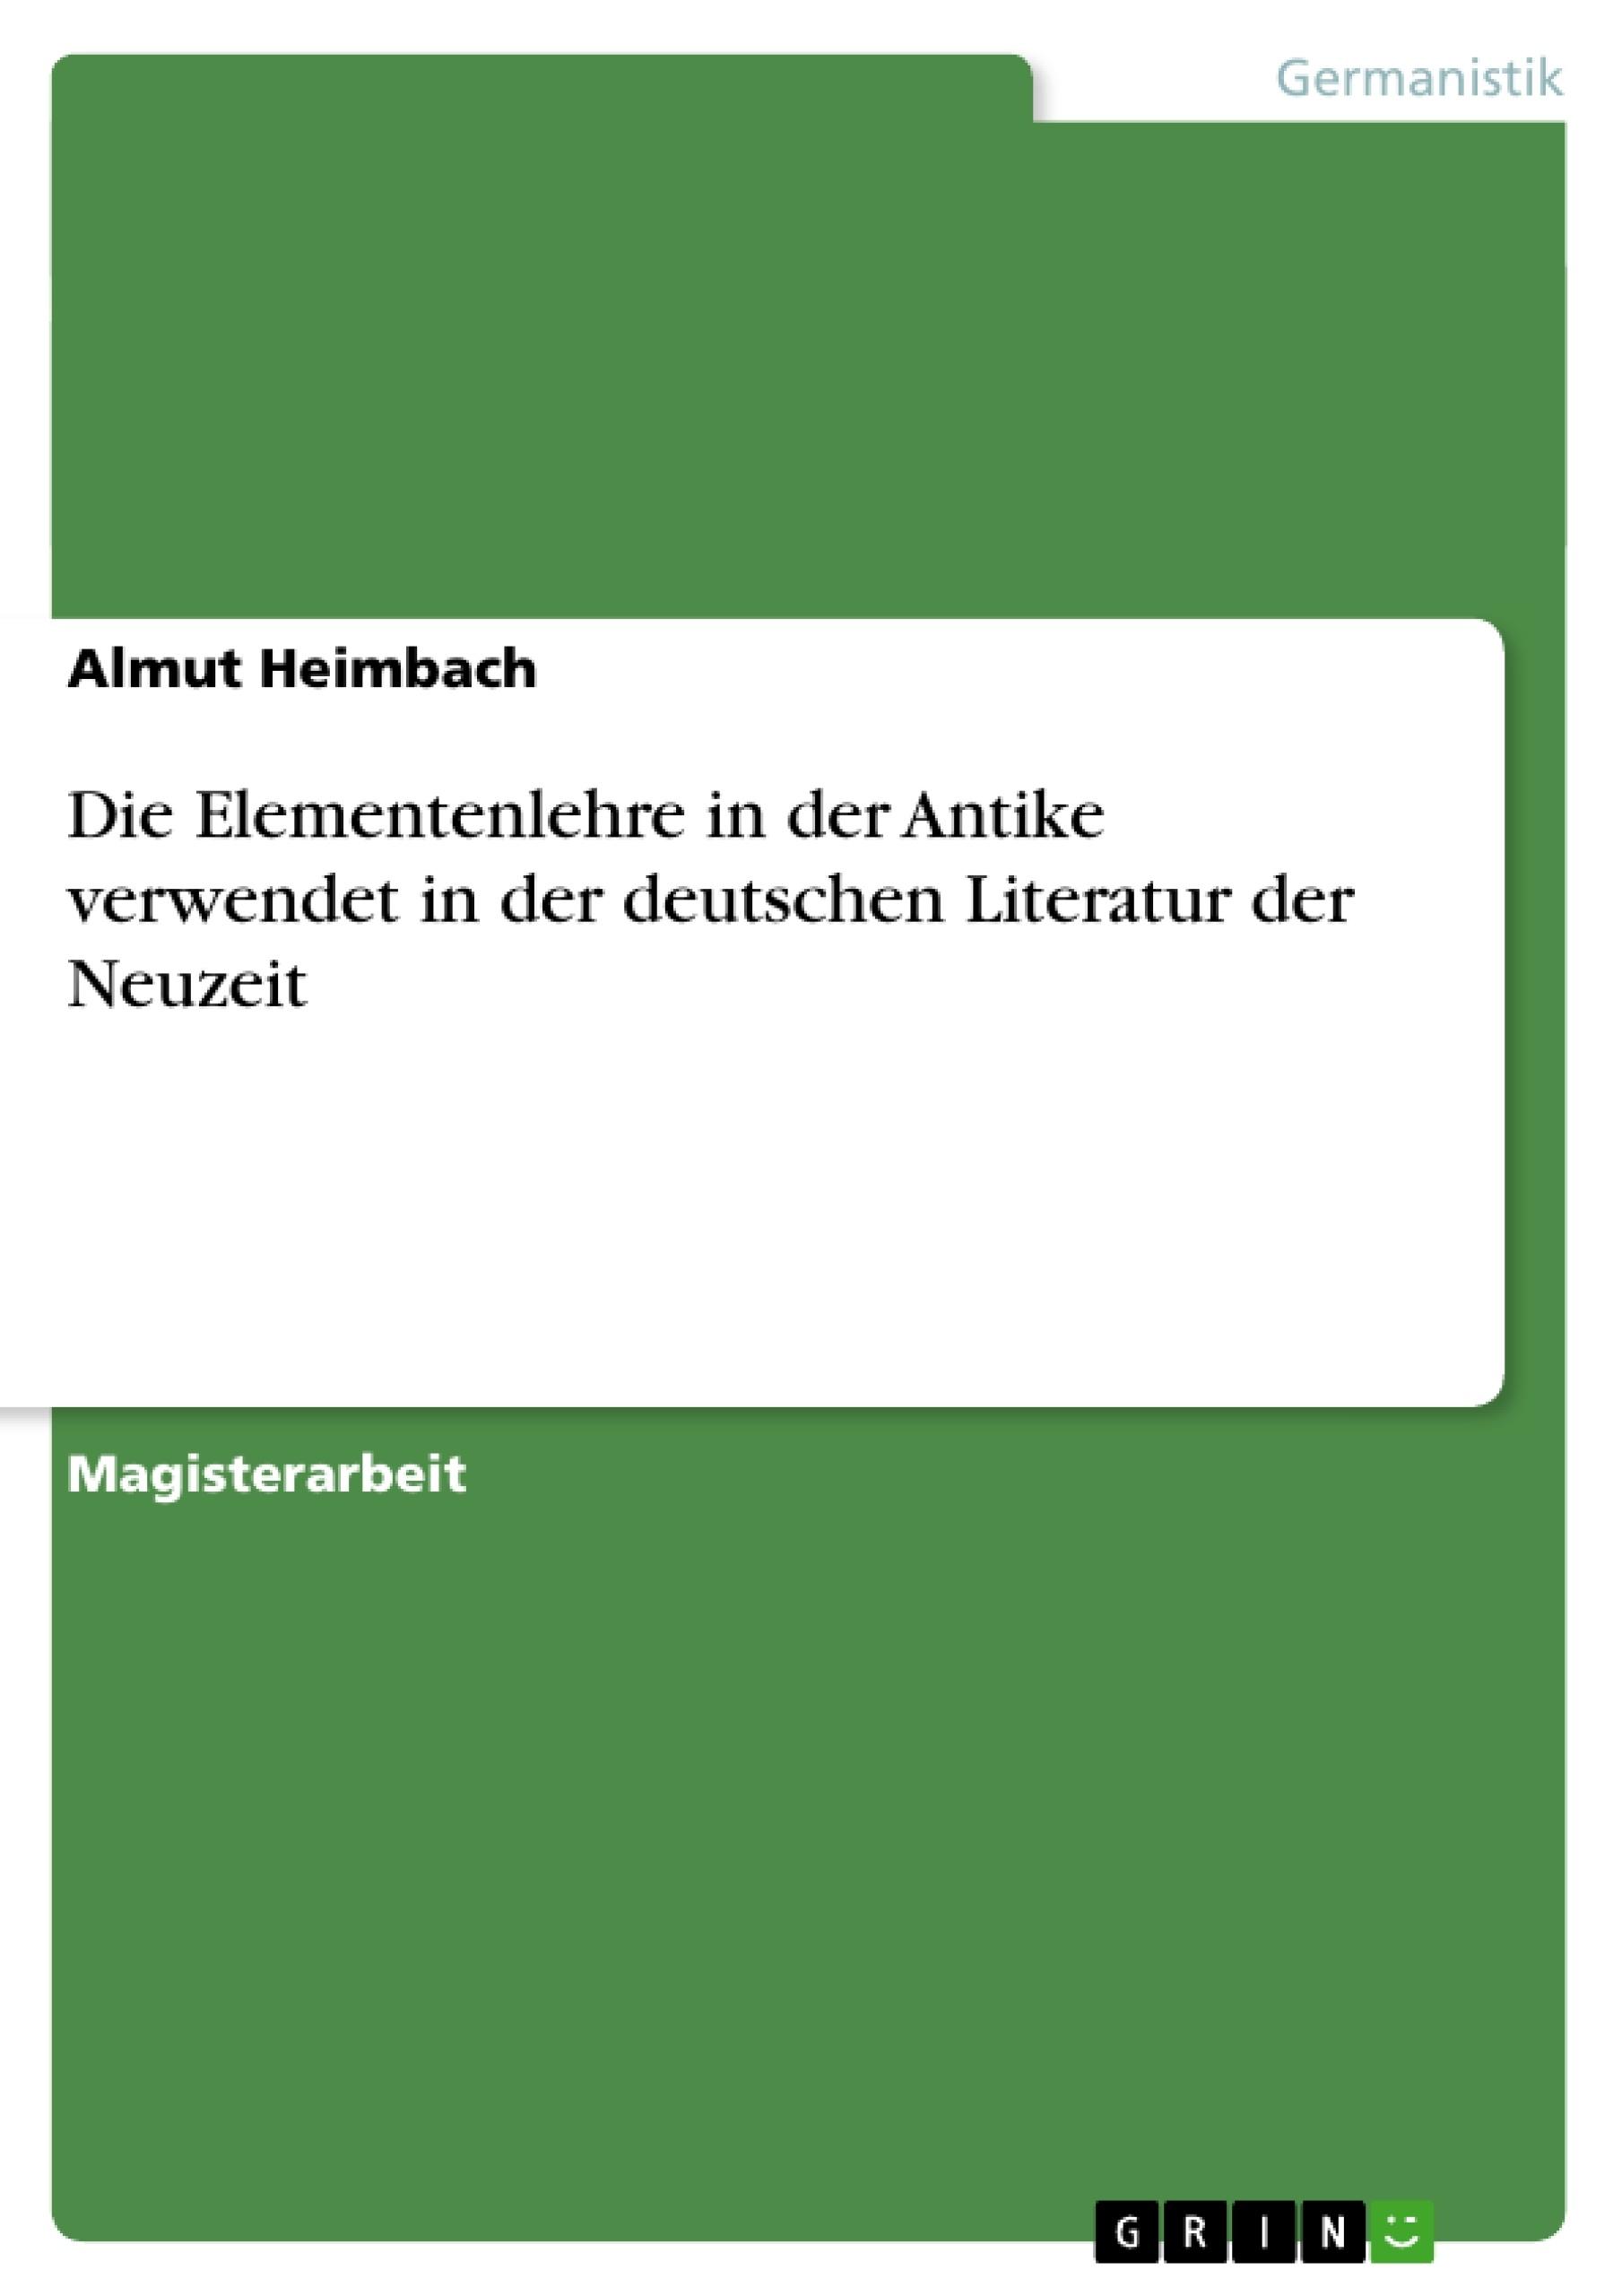 Titel: Die Elementenlehre in der Antike verwendet in der deutschen Literatur der Neuzeit